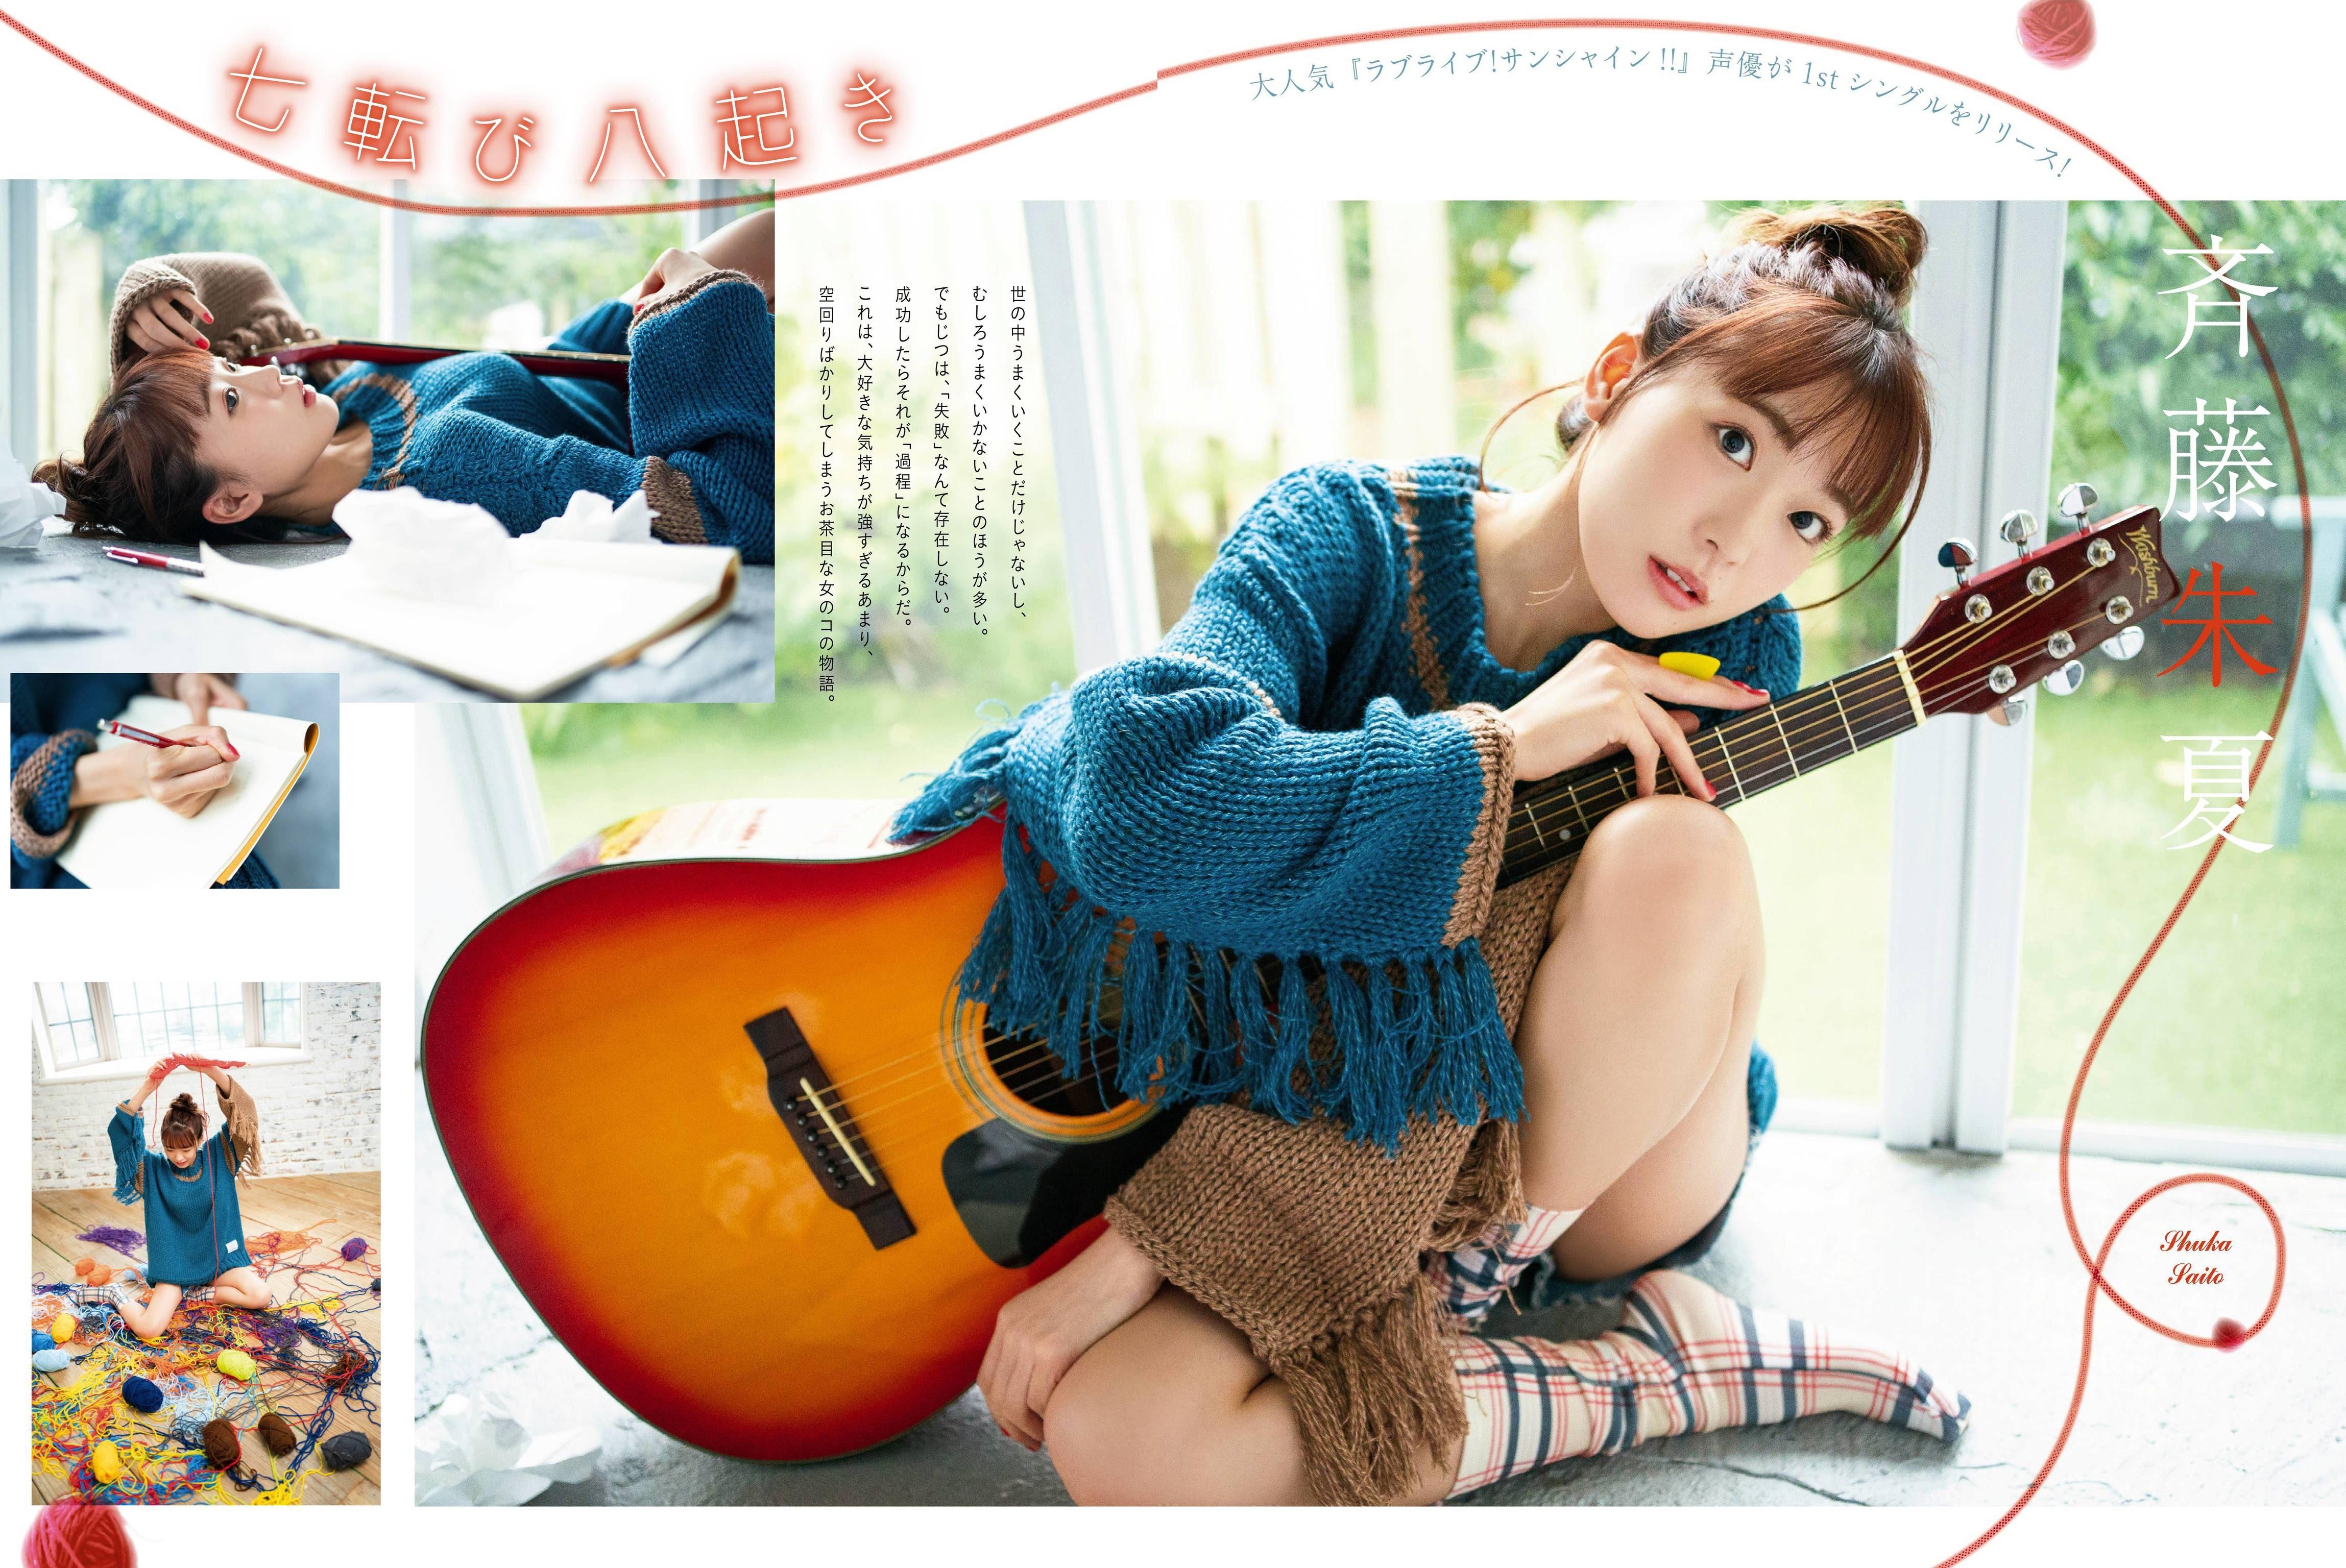 11-Shuka Saito (1)